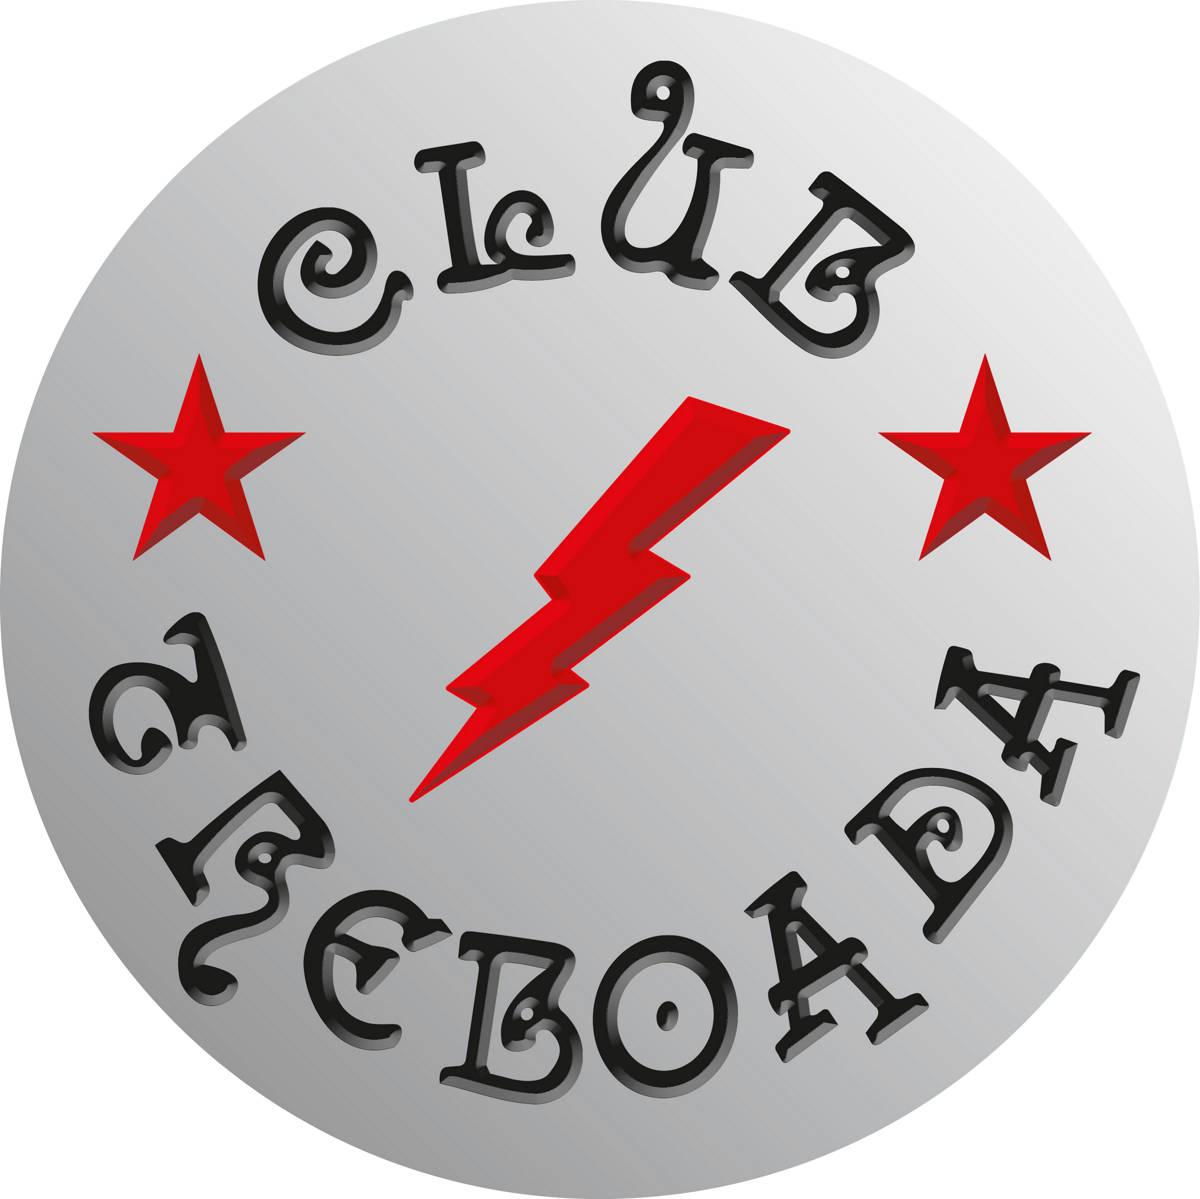 Club Treboada